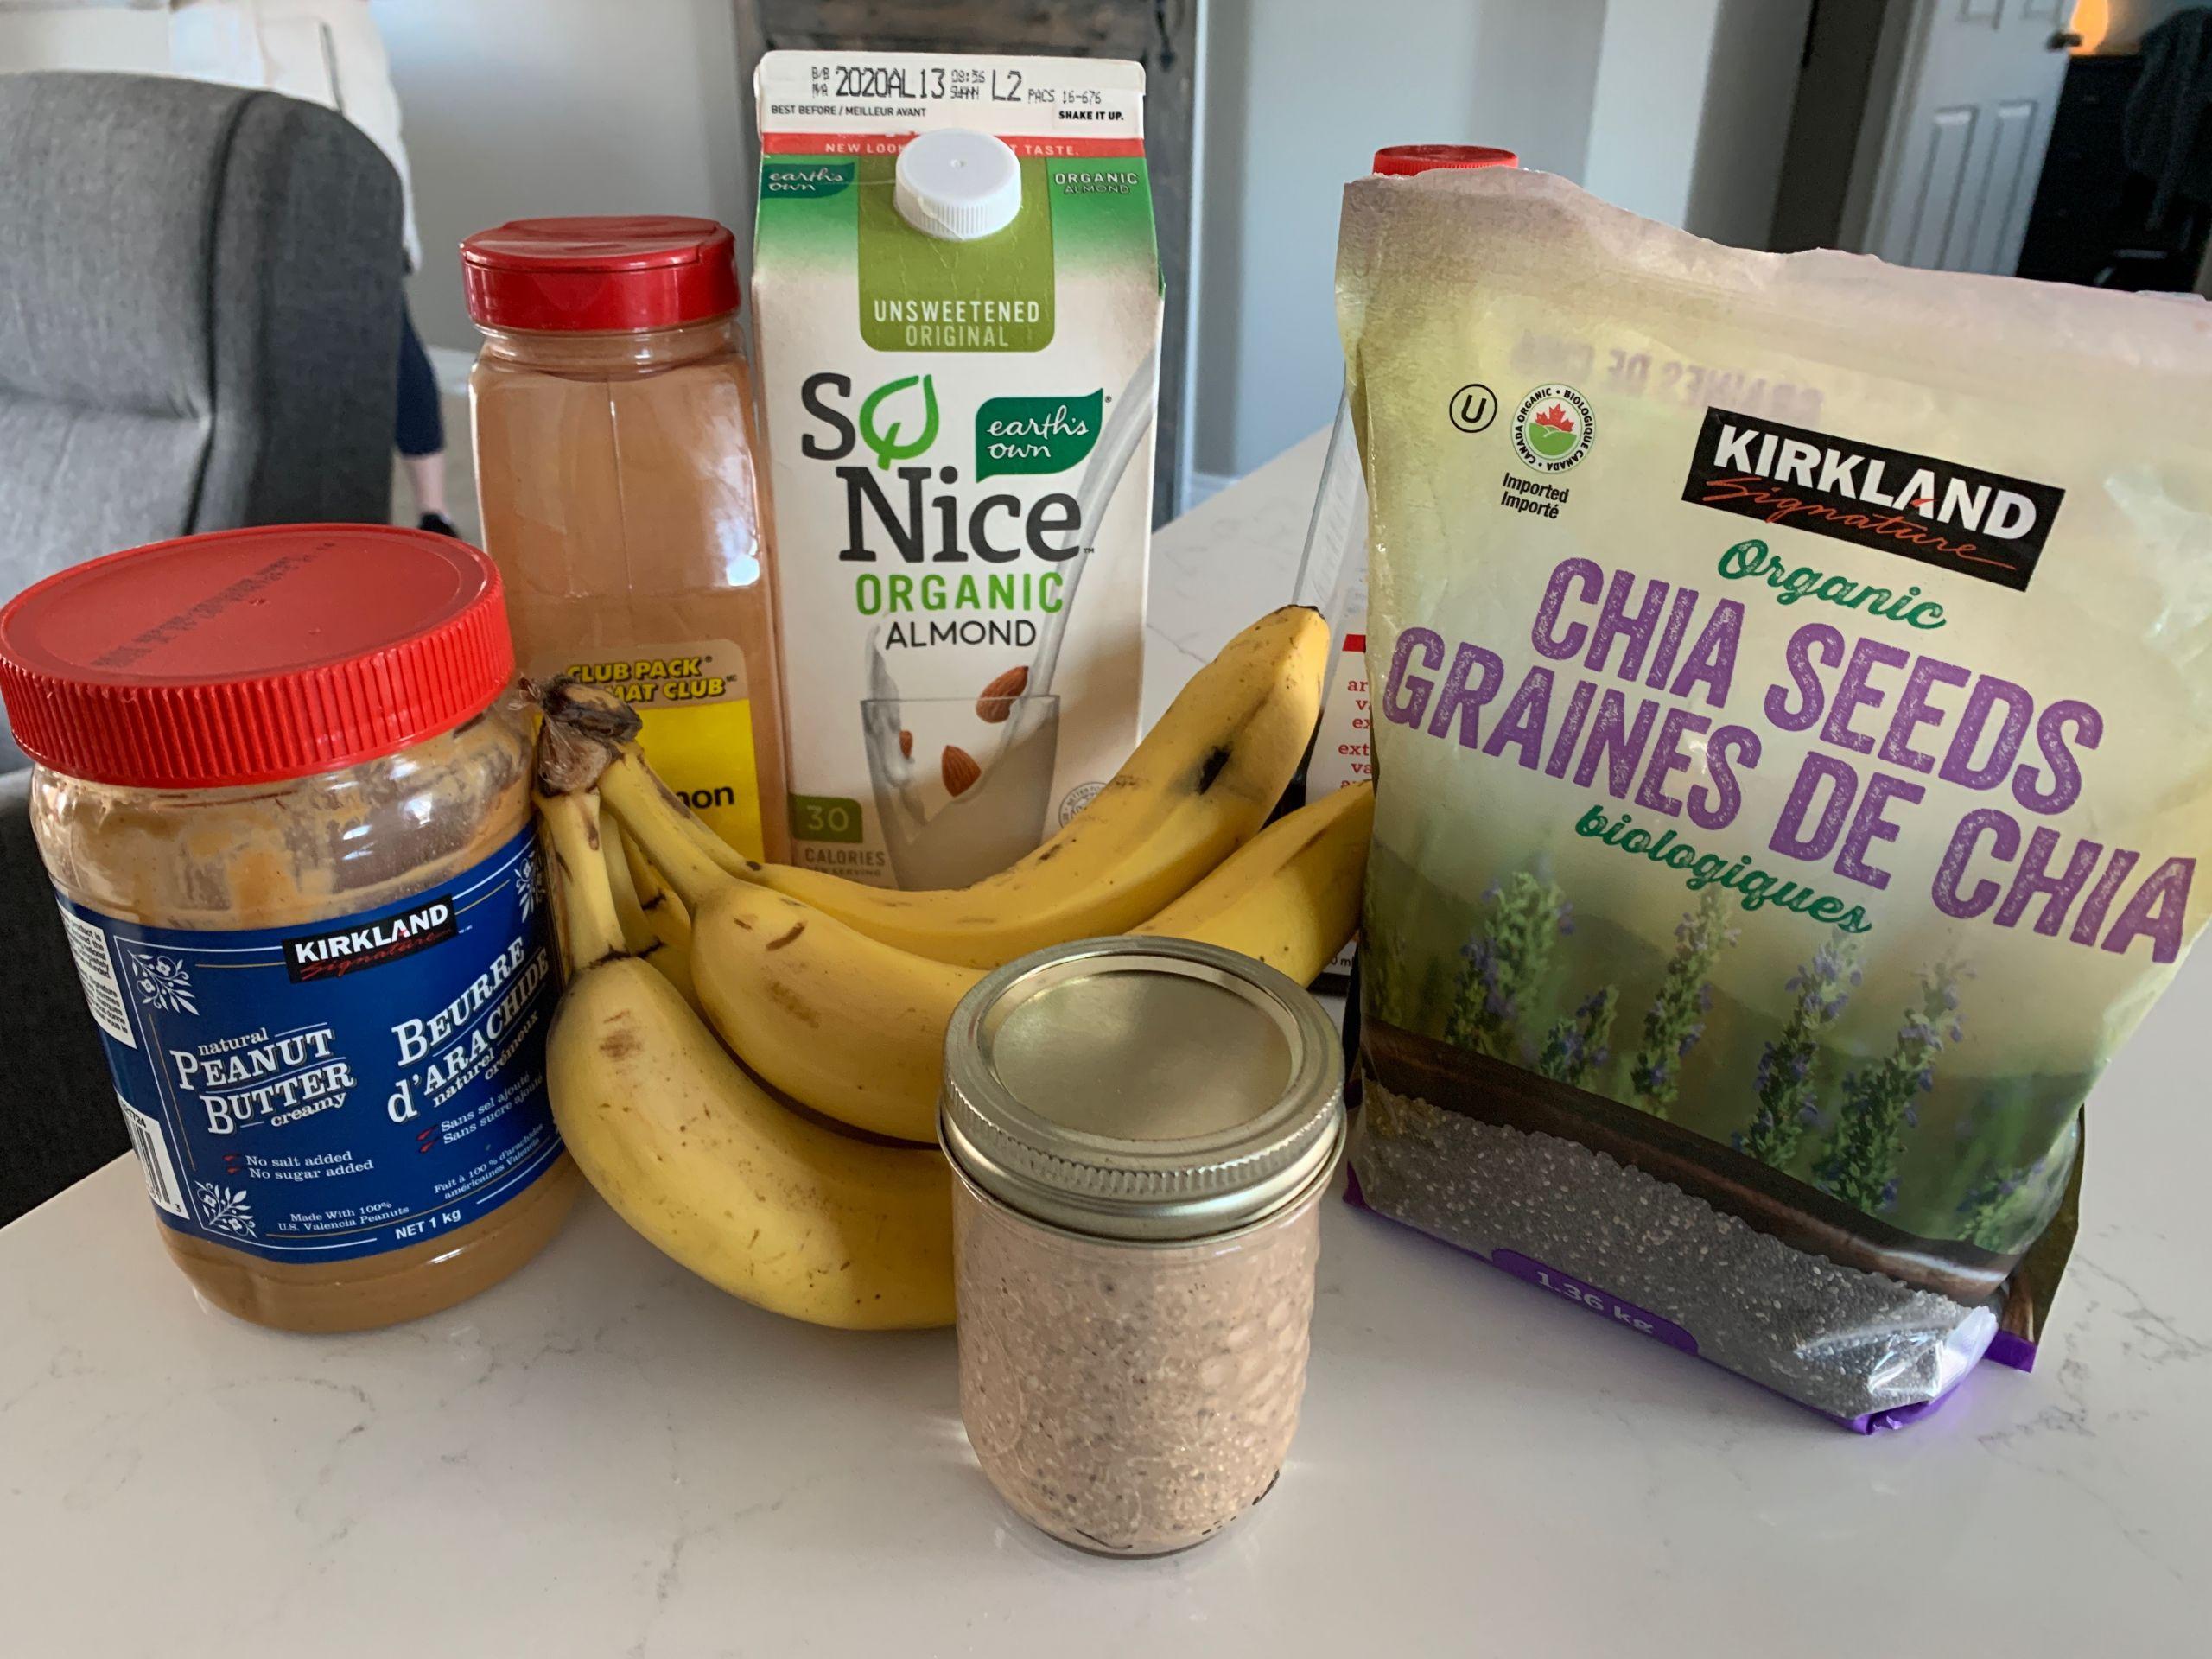 oat-jars-ingredients-healthy-recipe